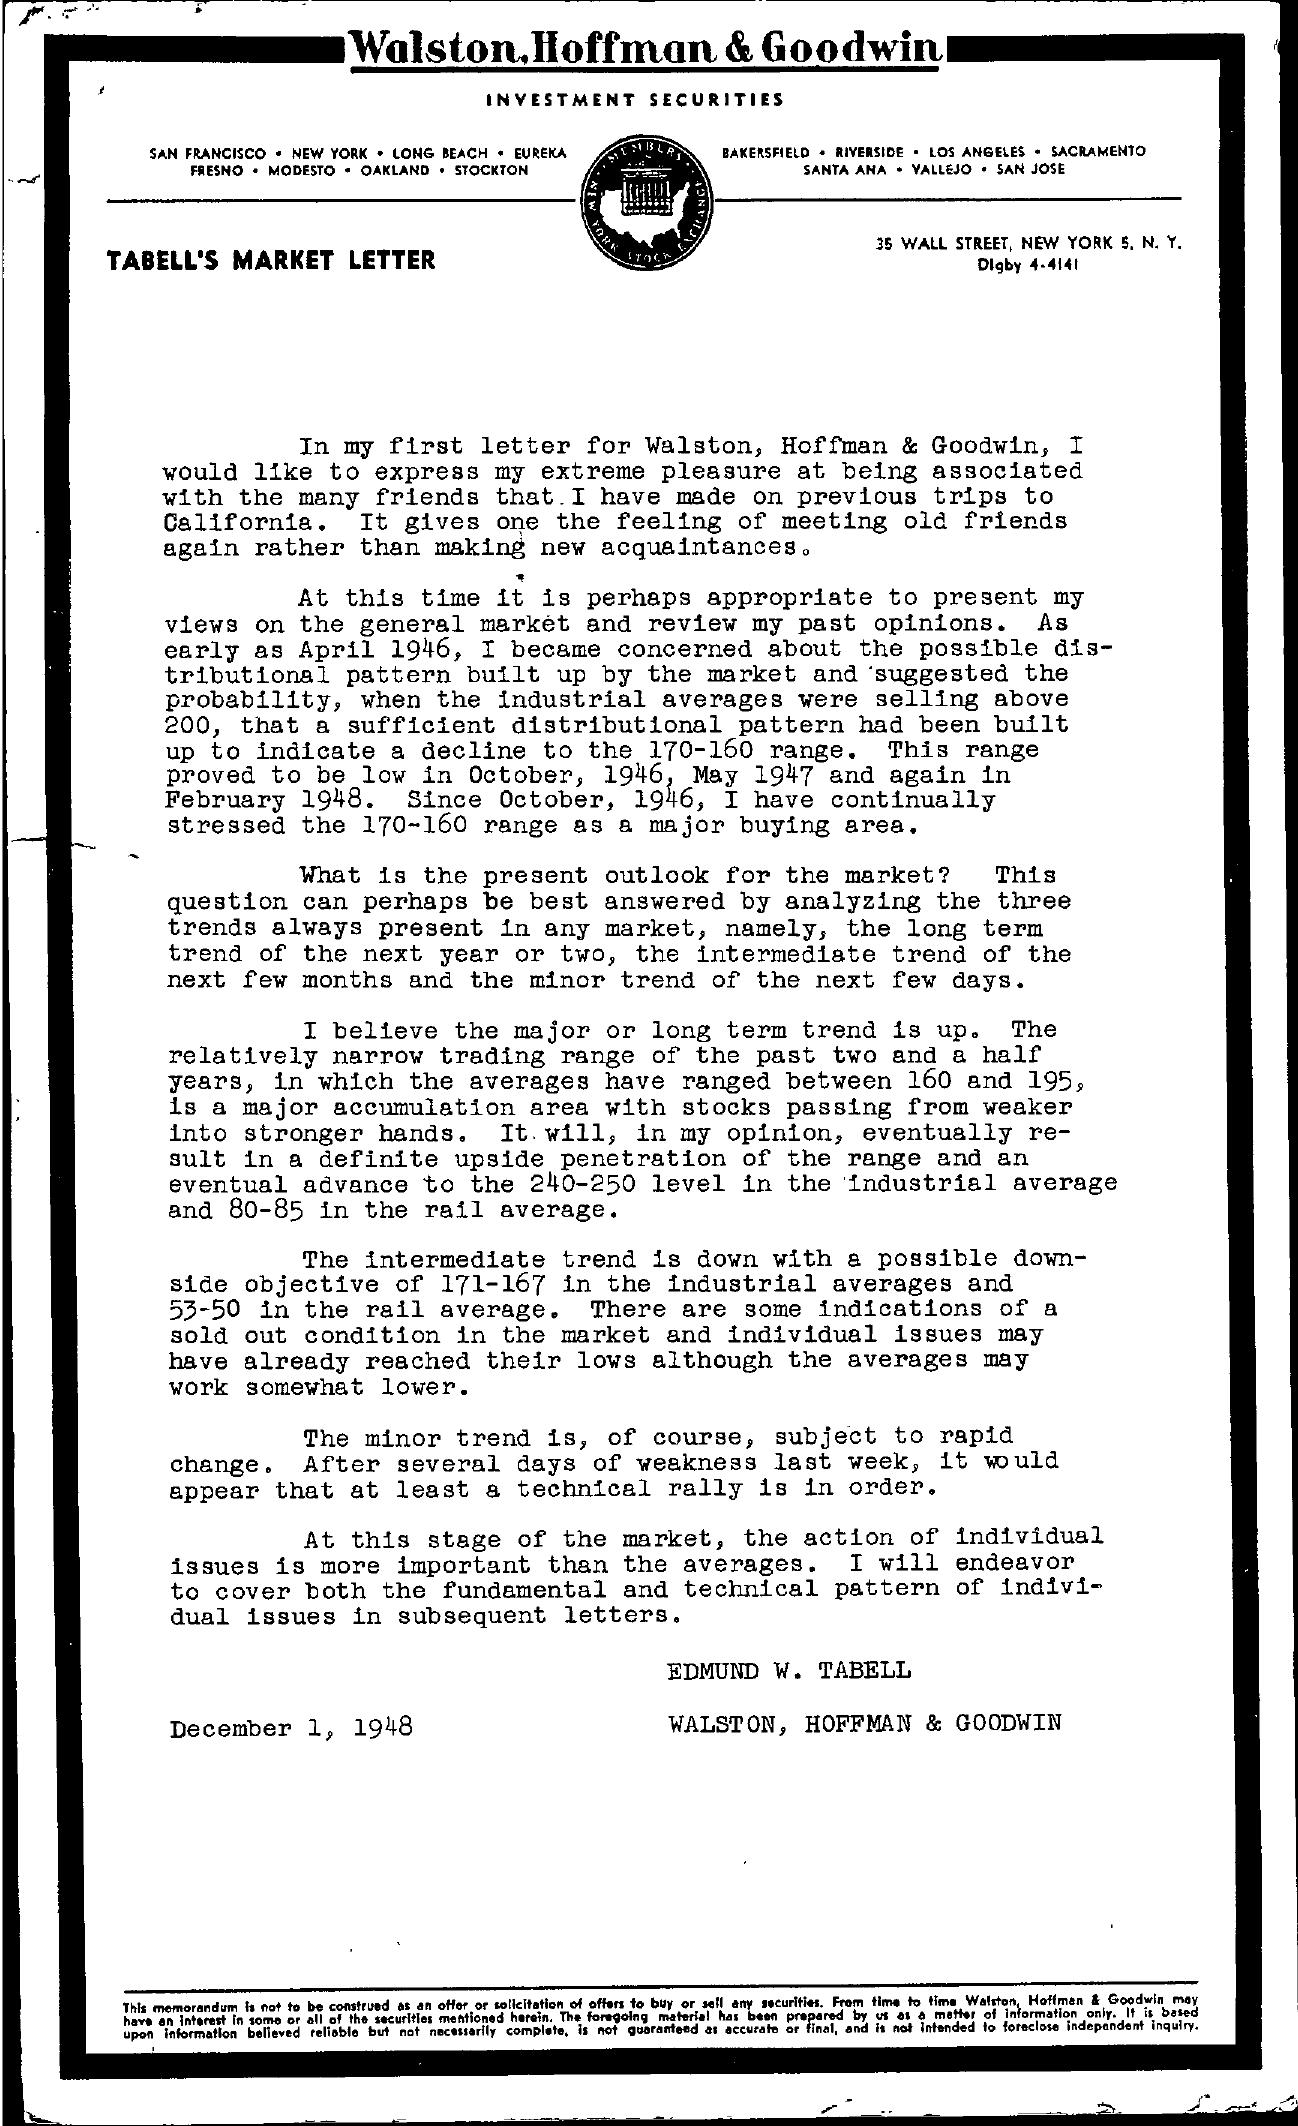 Tabell's Market Letter - December 01, 1948